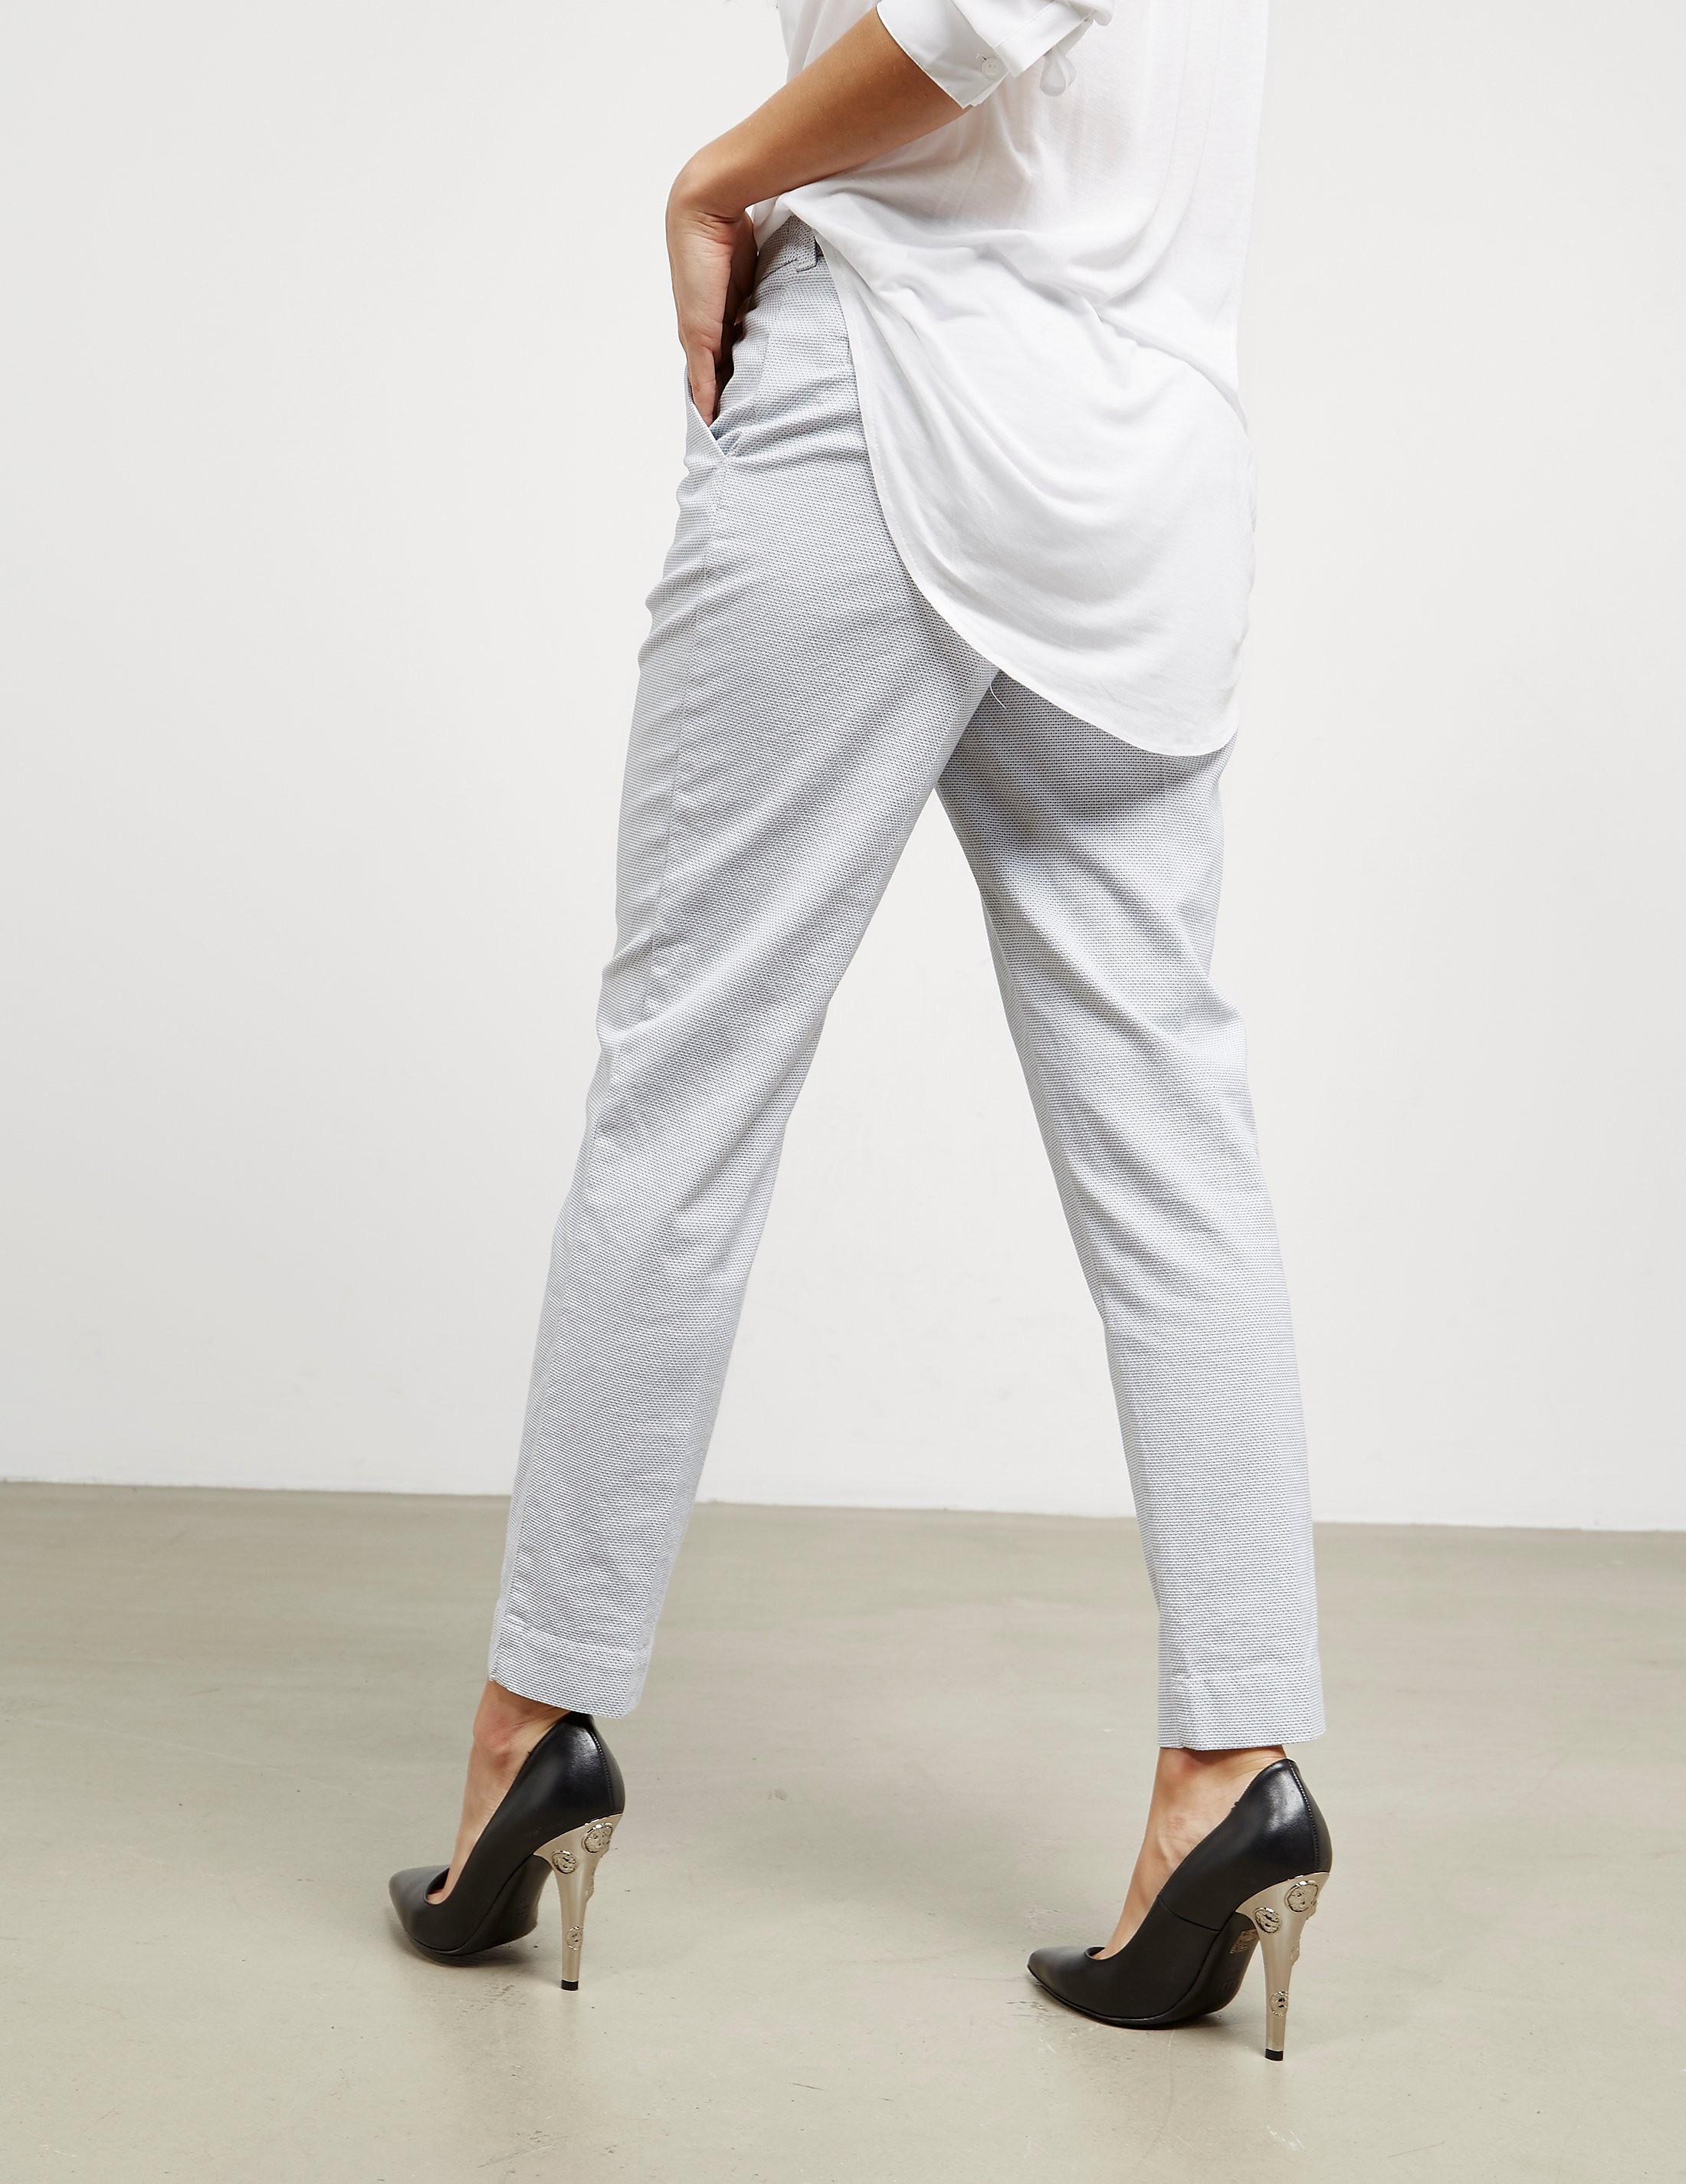 Emporio Armani Small Check Trousers